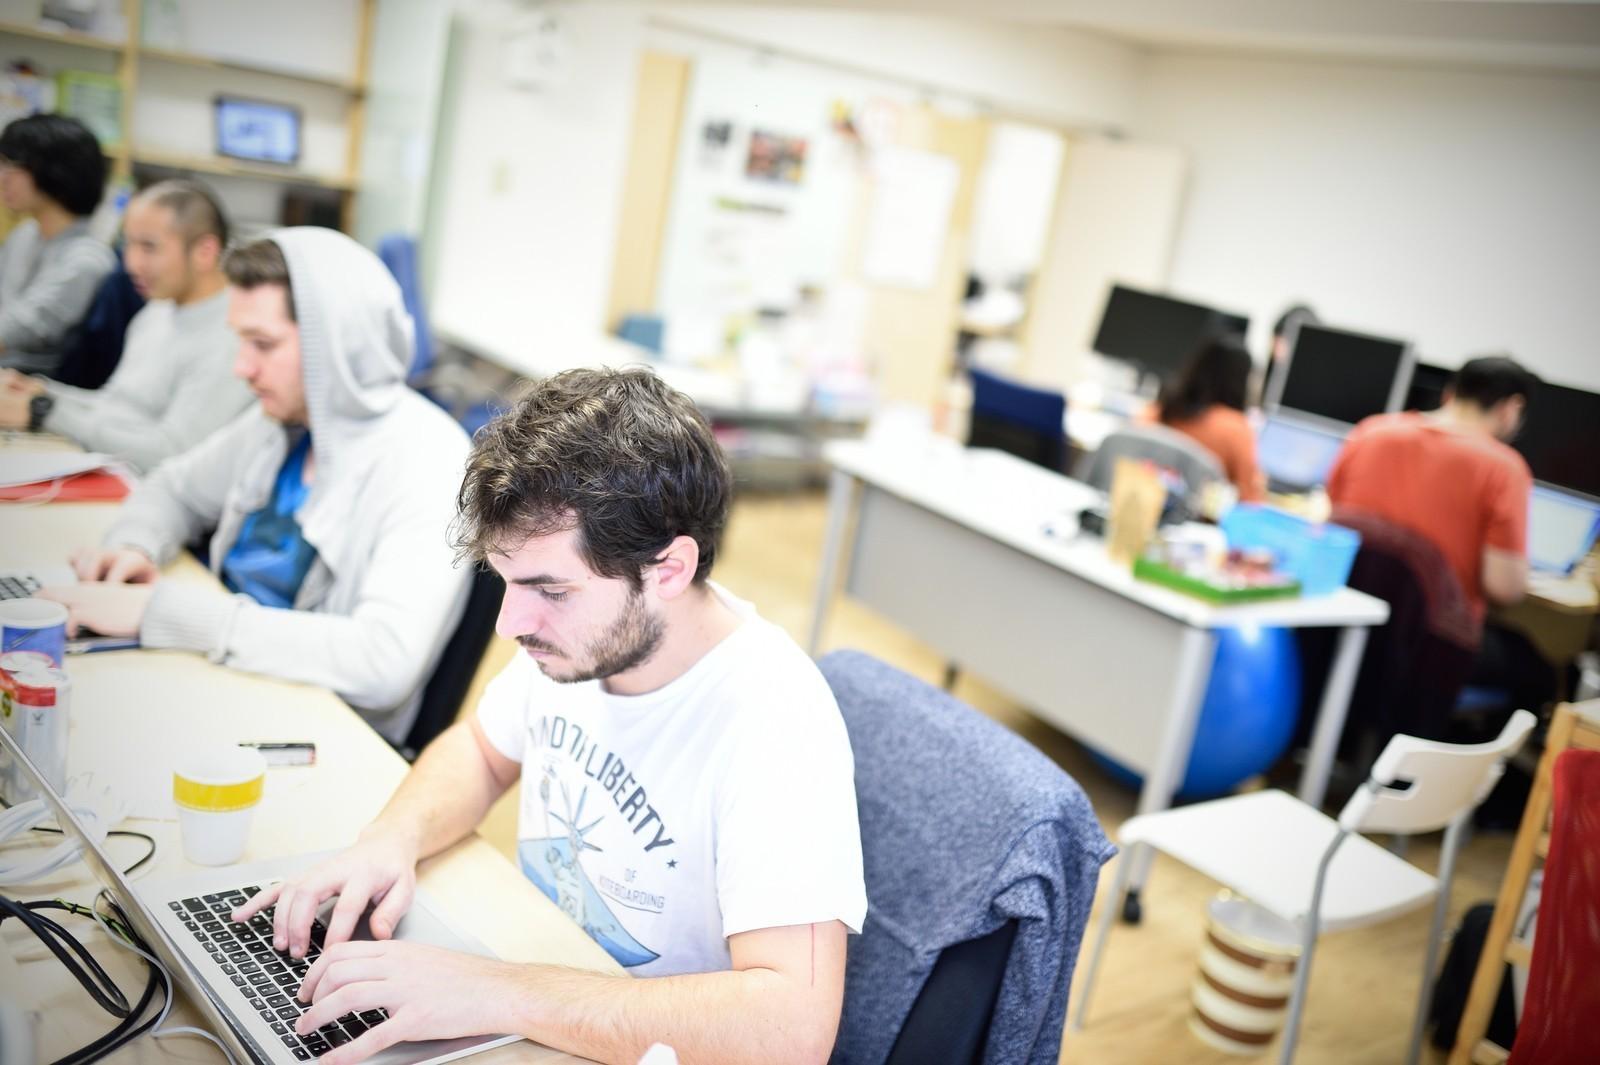 120ヶ国以上のユーザーが利用、旅行体験のフリーマーケットサイト「Voyagin」を開発する Rubyエンジニアを募集!